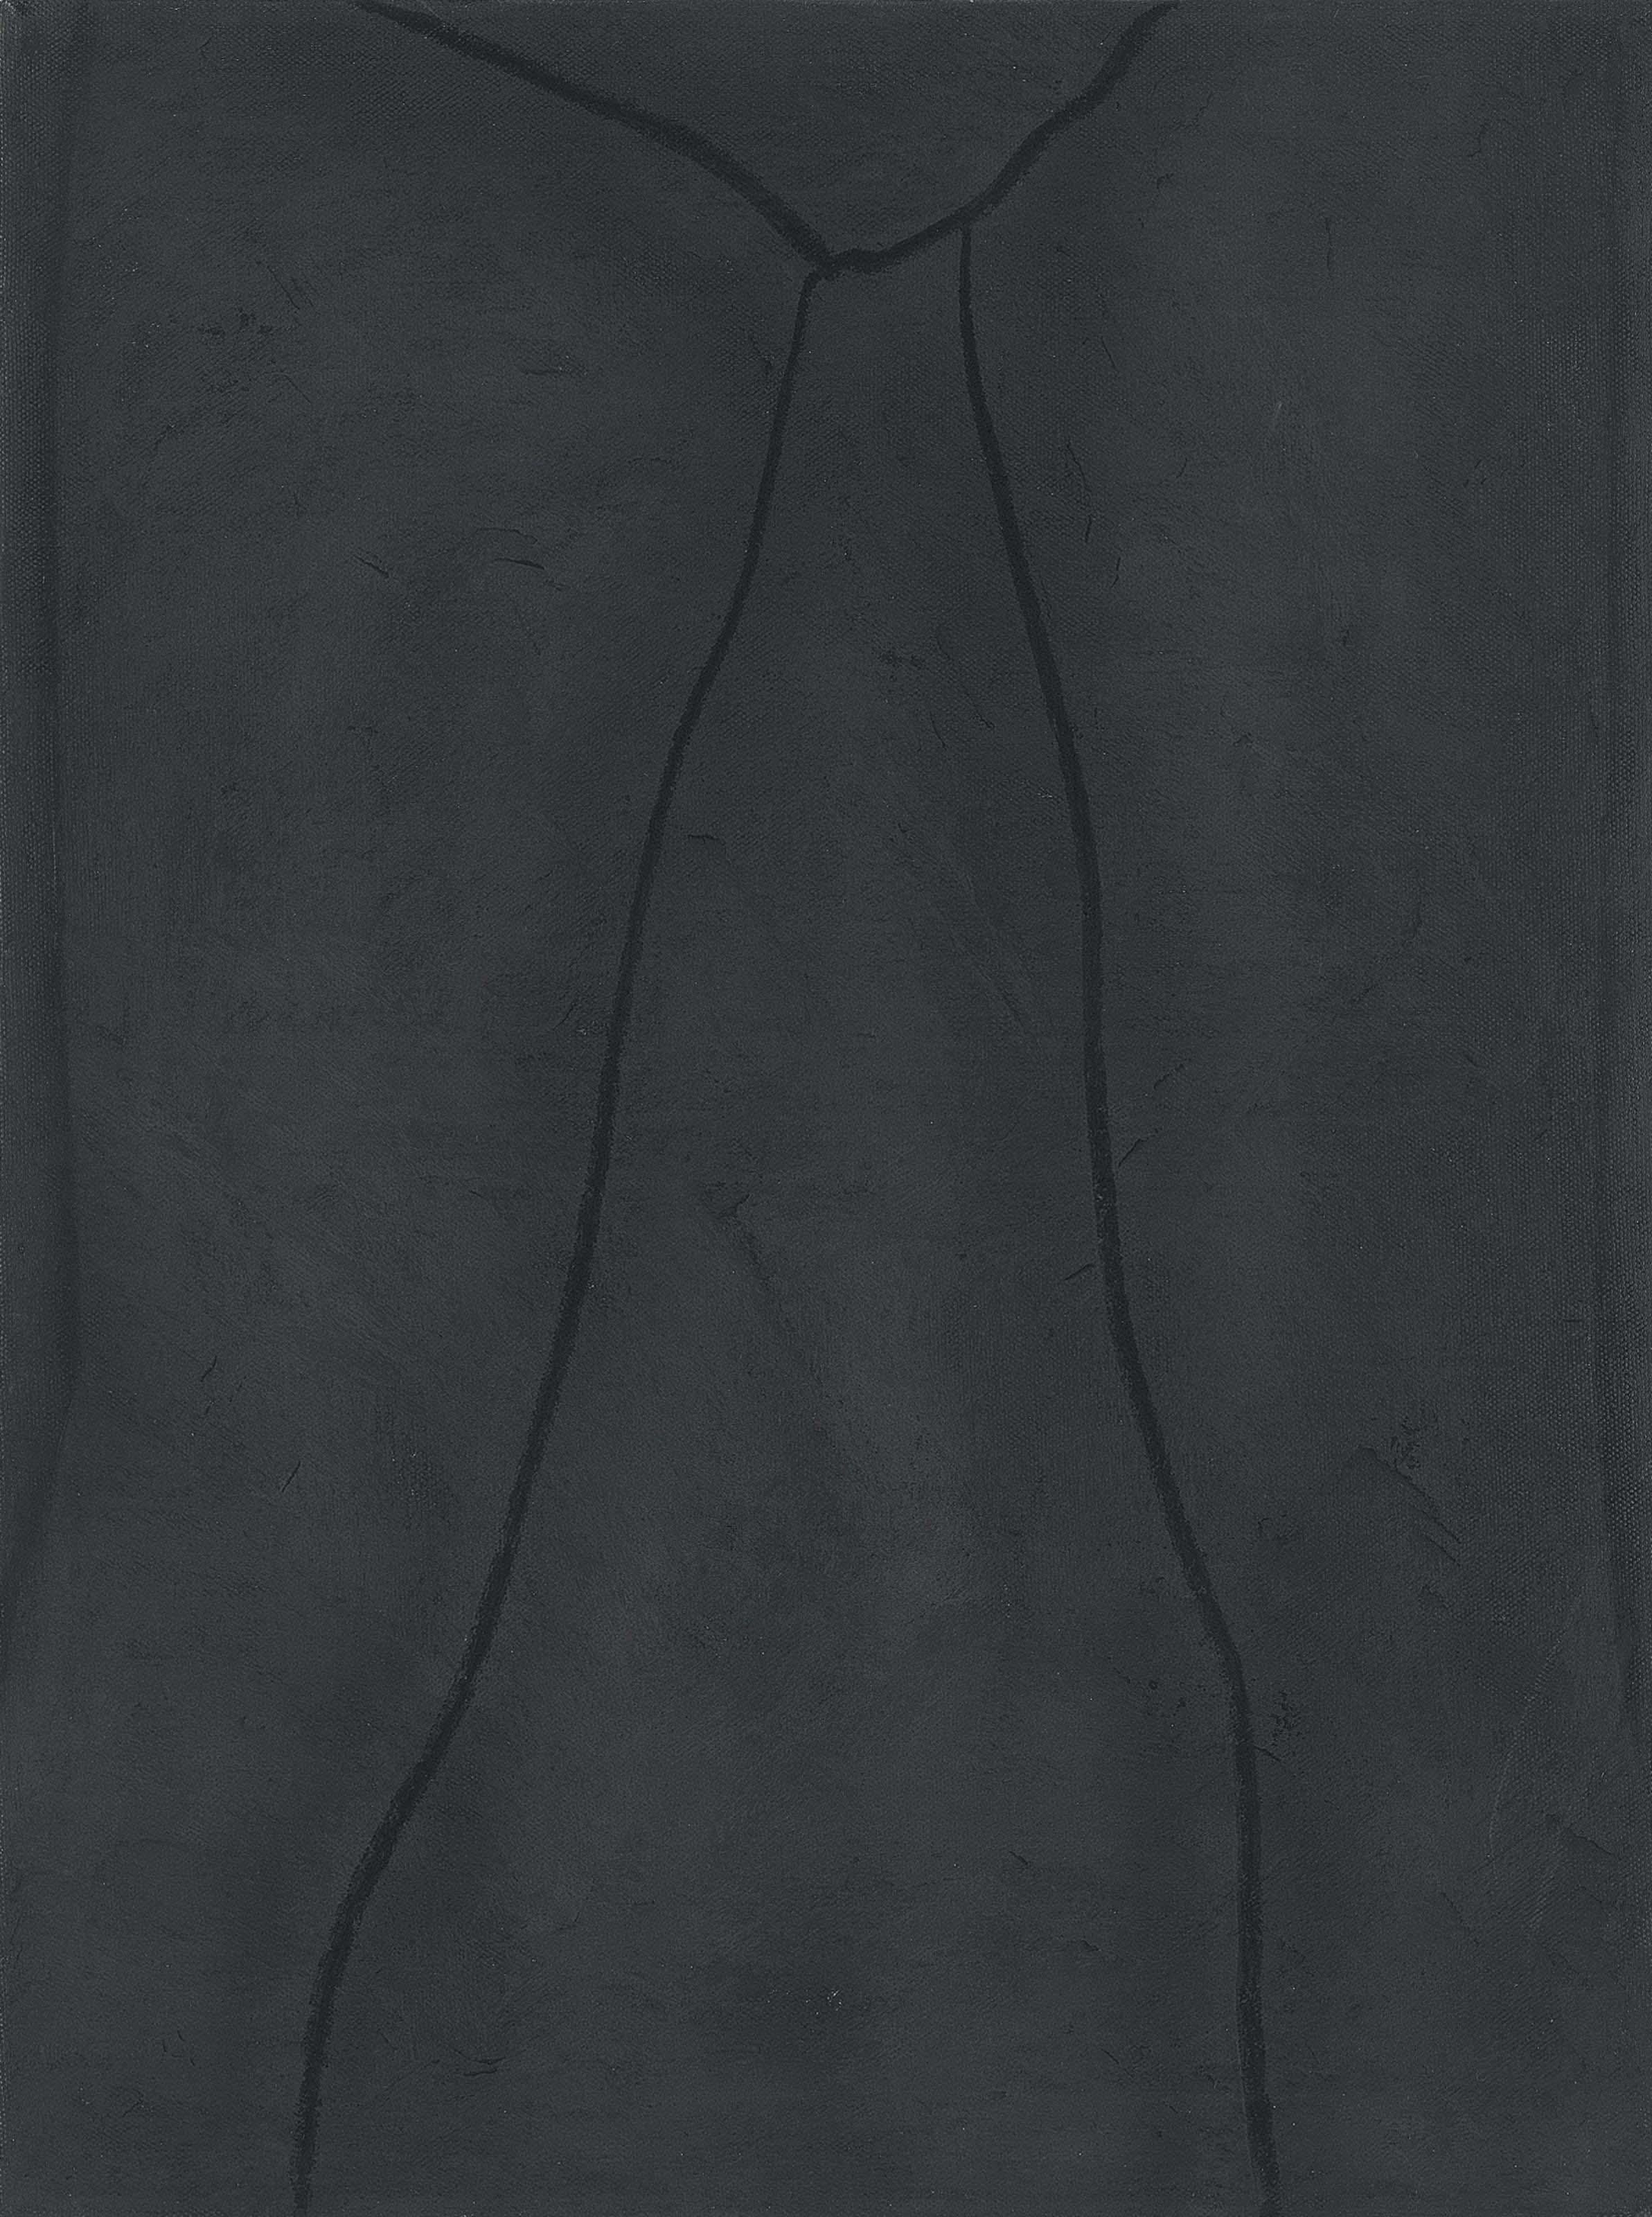 Gary Hume (b. 1962)